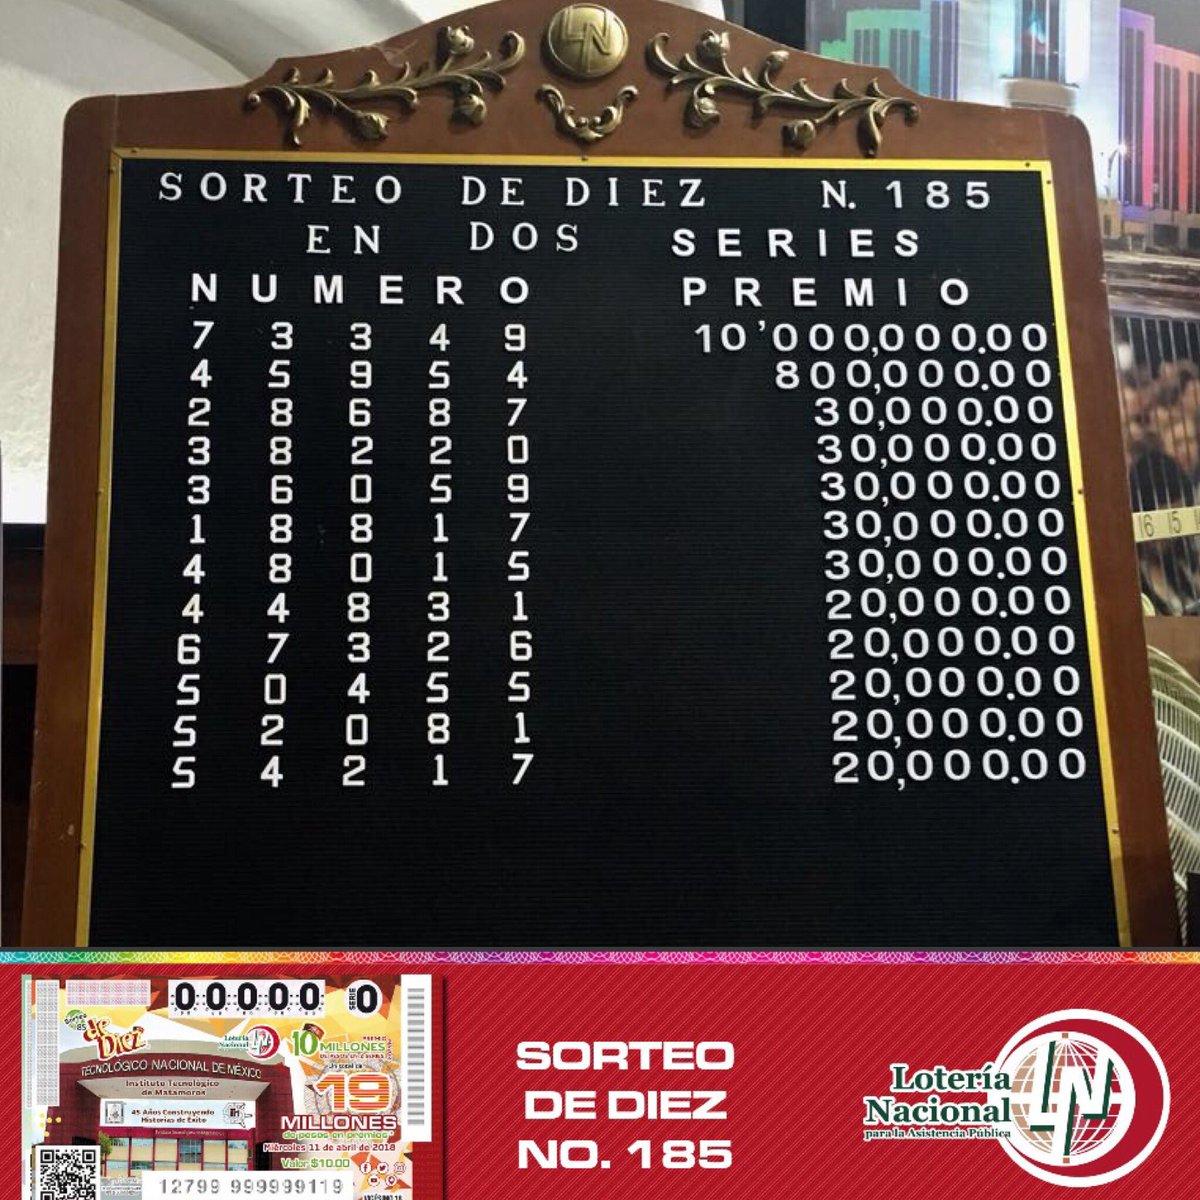 Resultados sorteo de diez 185